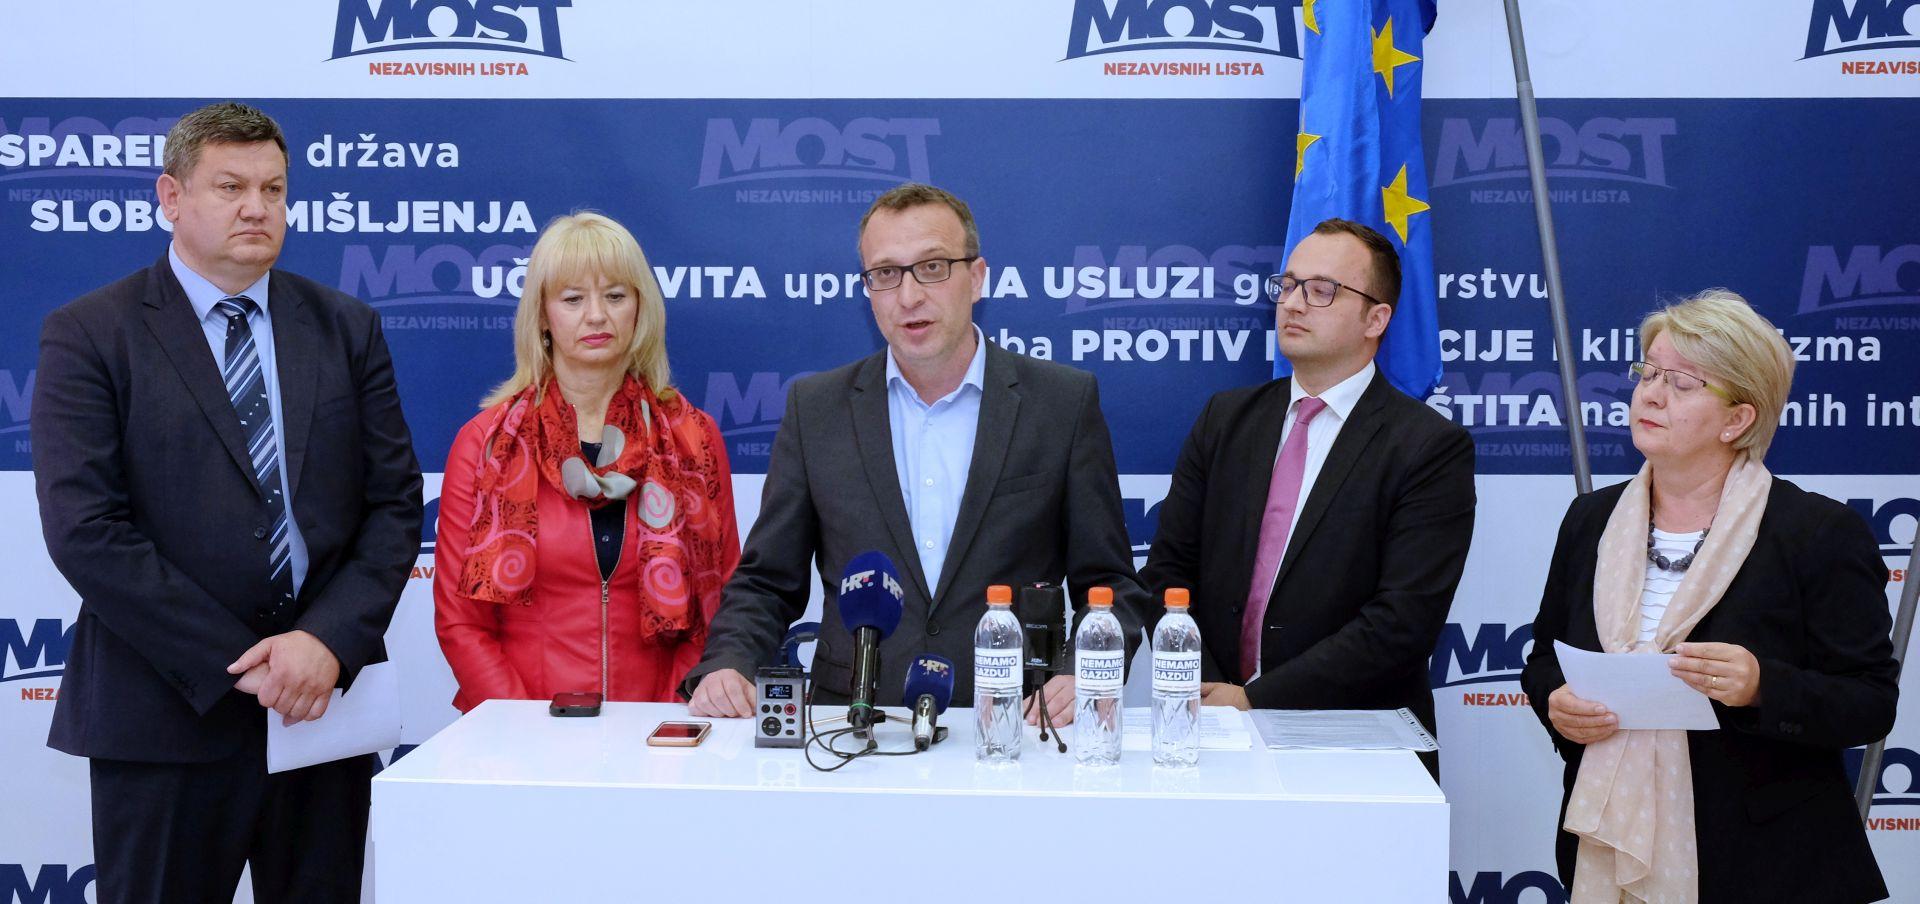 SLADOLJEV 'Pokrenut ću projekt besplatnih instrukcija za zagrebačku školsku djecu'